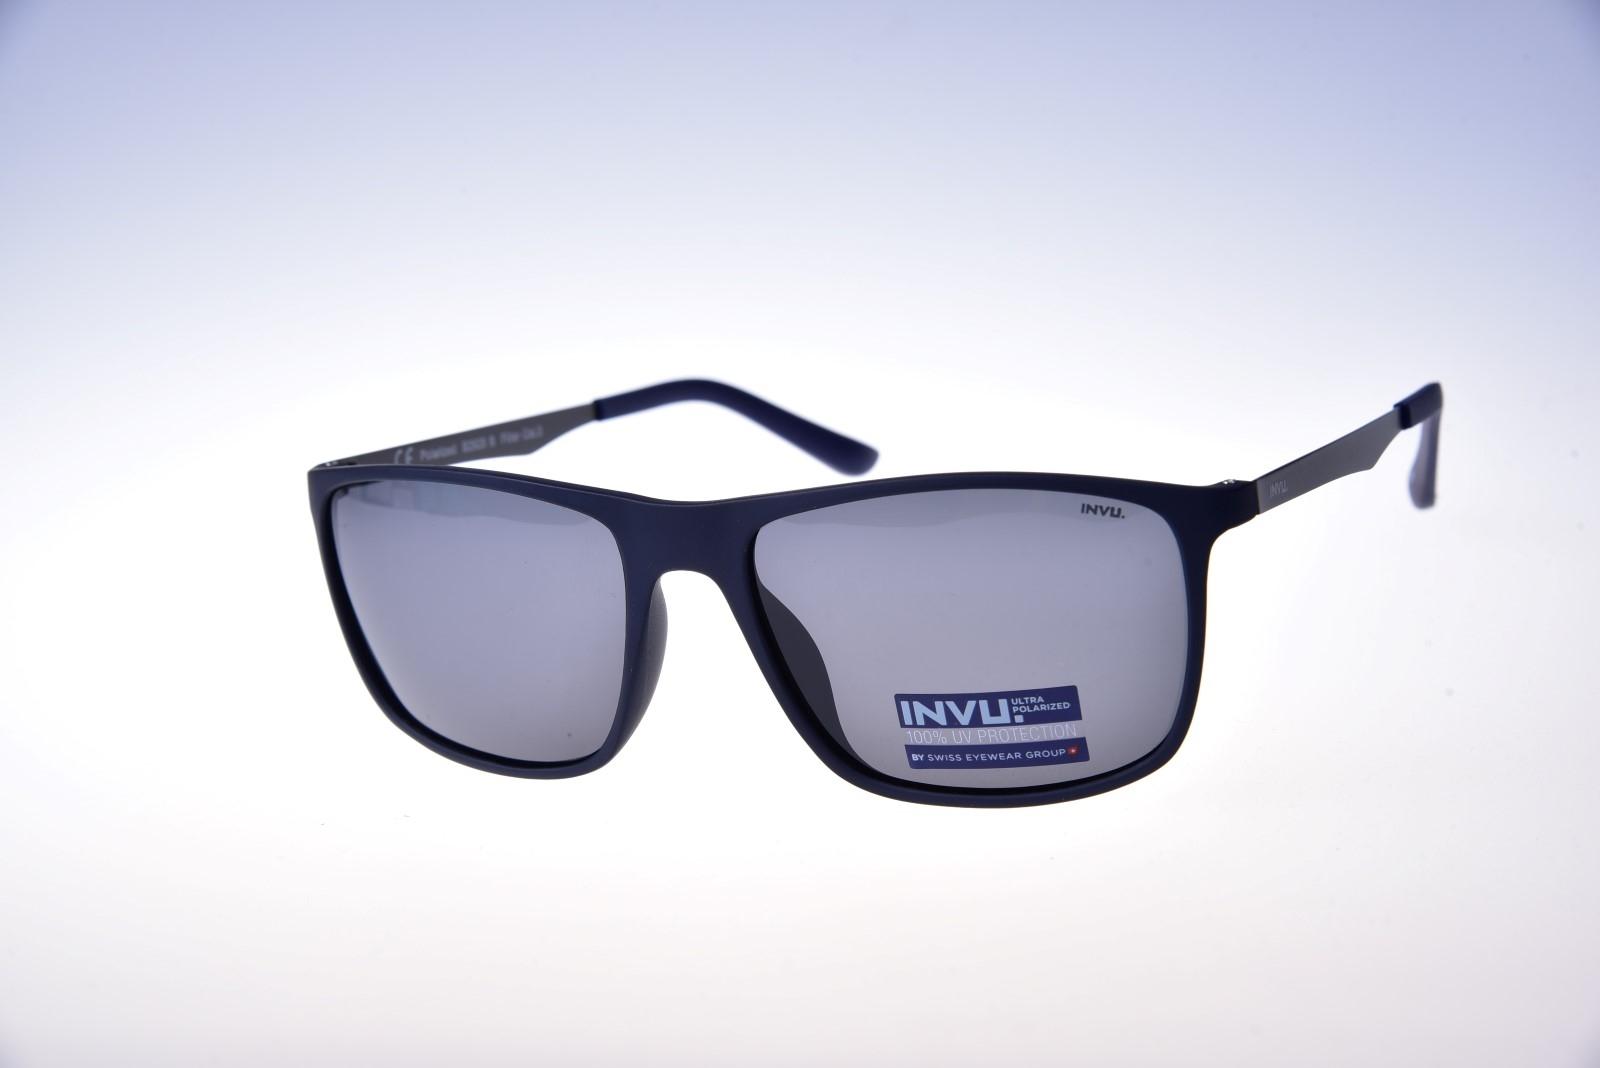 INVU. Classic B2925B - Pánske slnečné okuliare